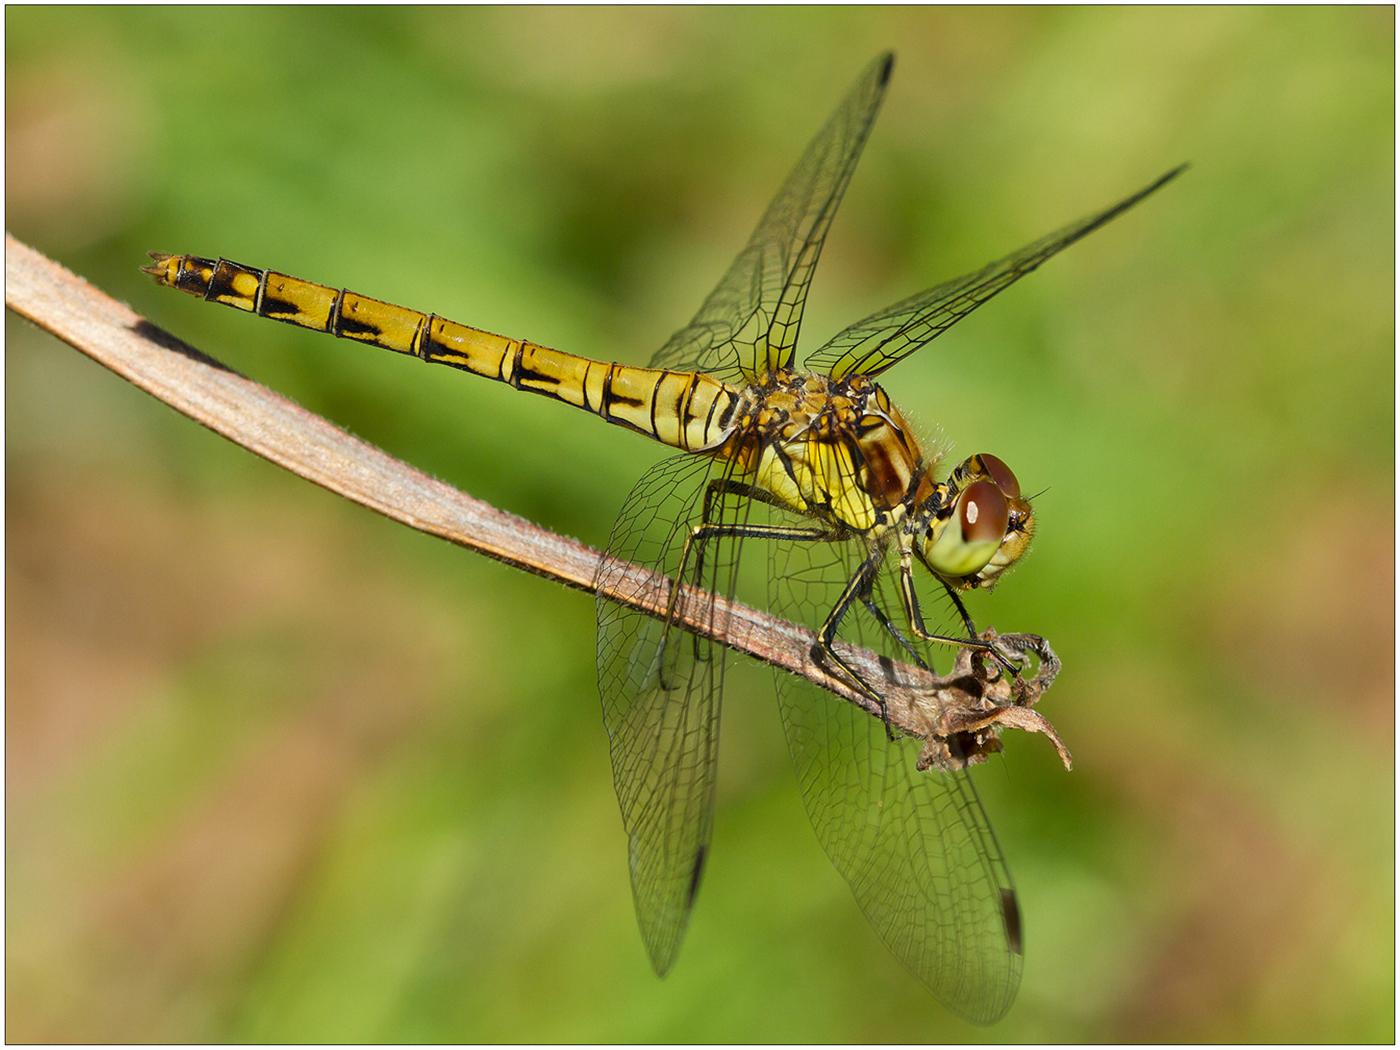 03_Roger Johnstone_Common Darter Dragonfly (female)